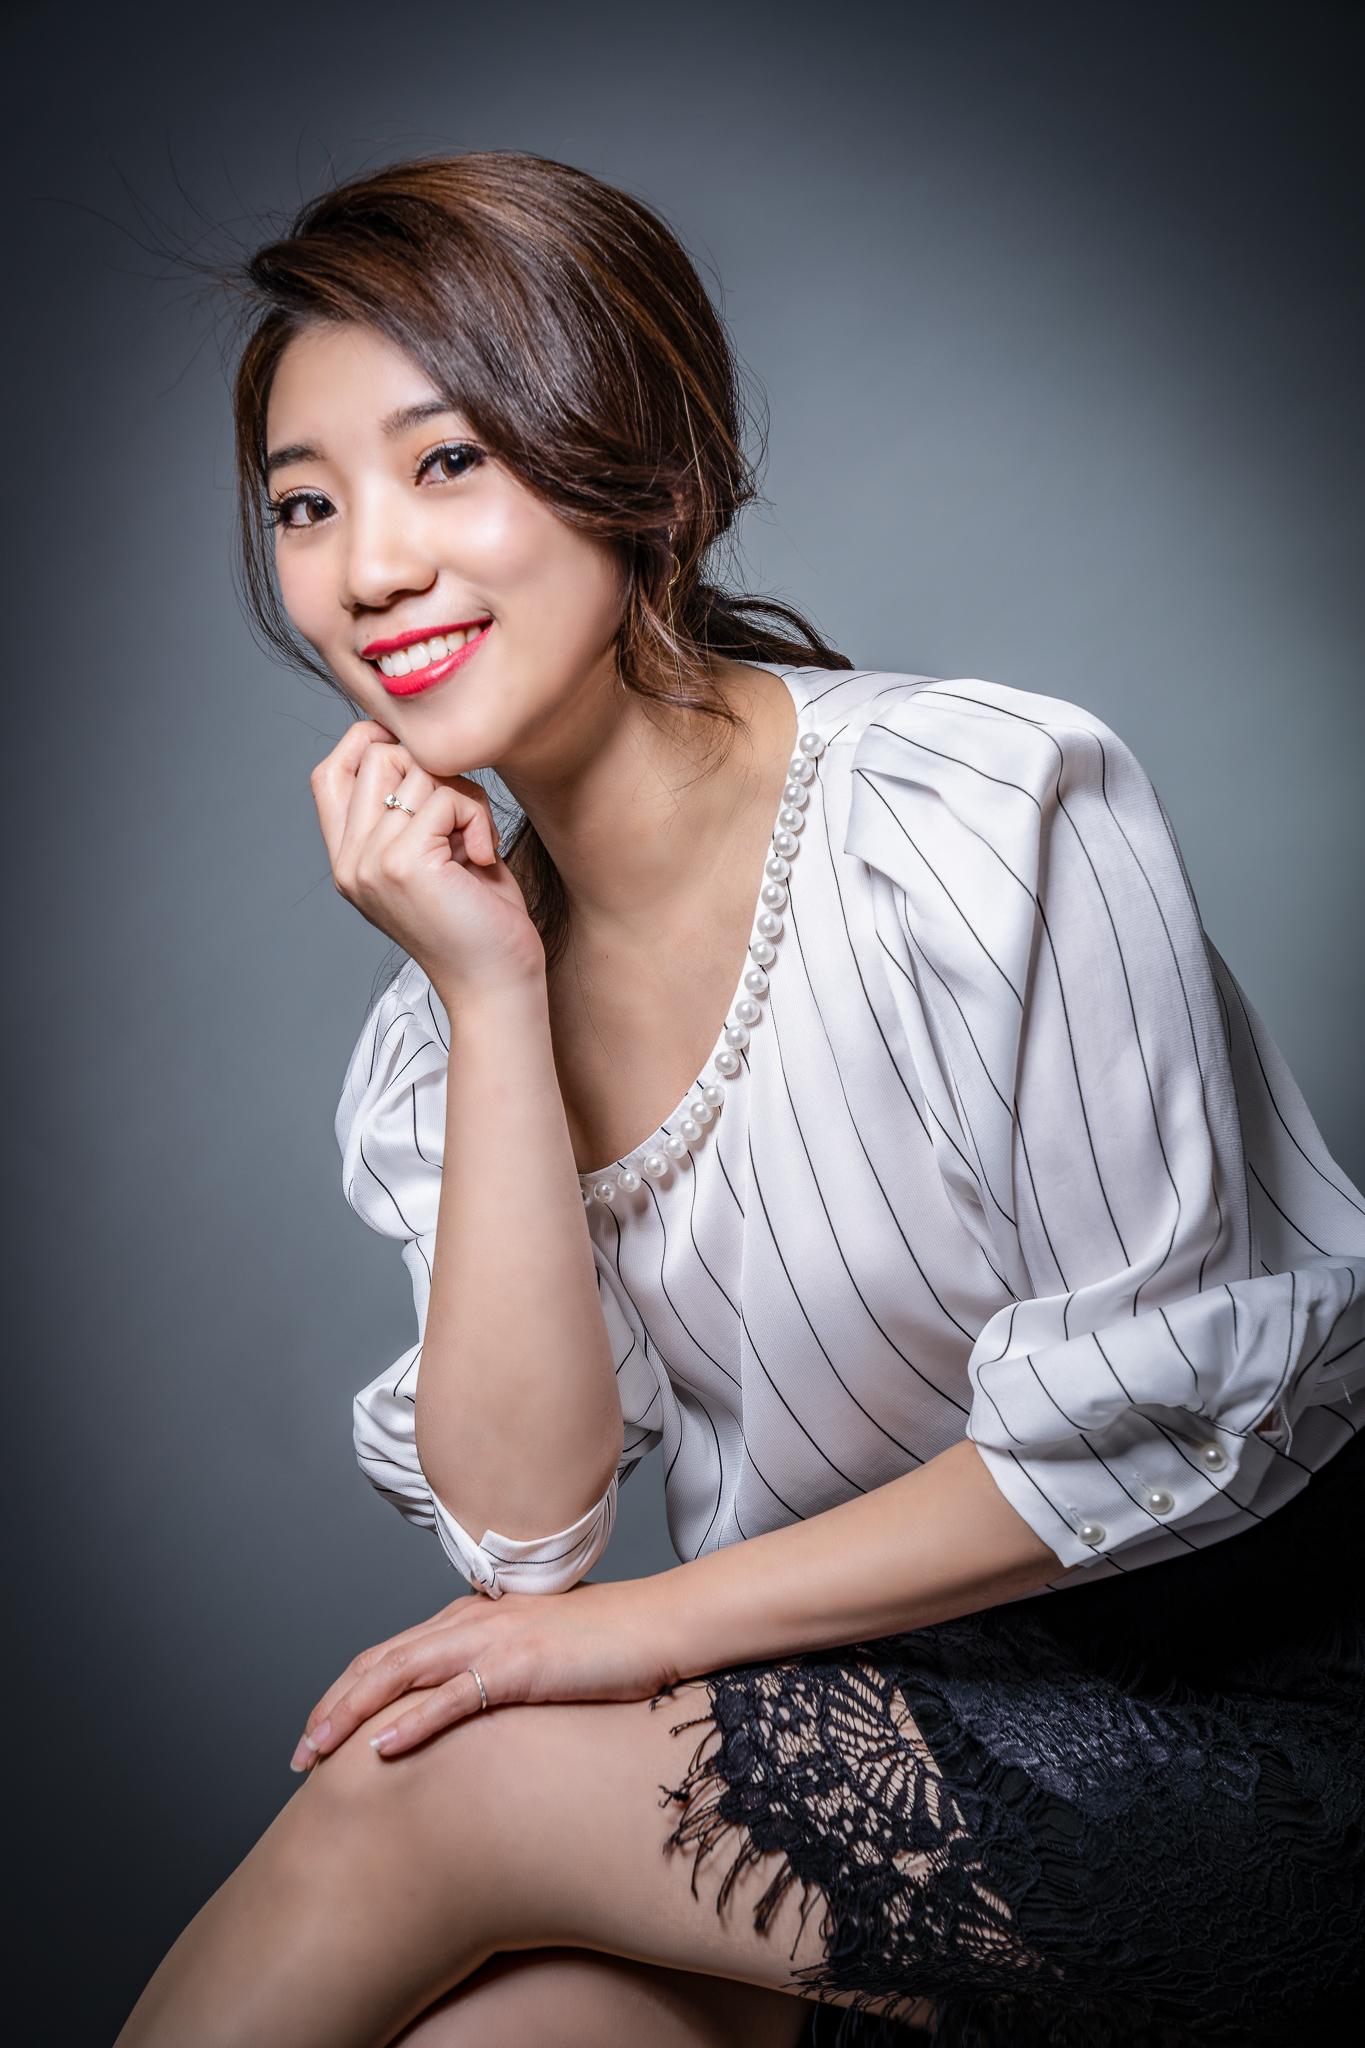 專業形象照 葉芷娟